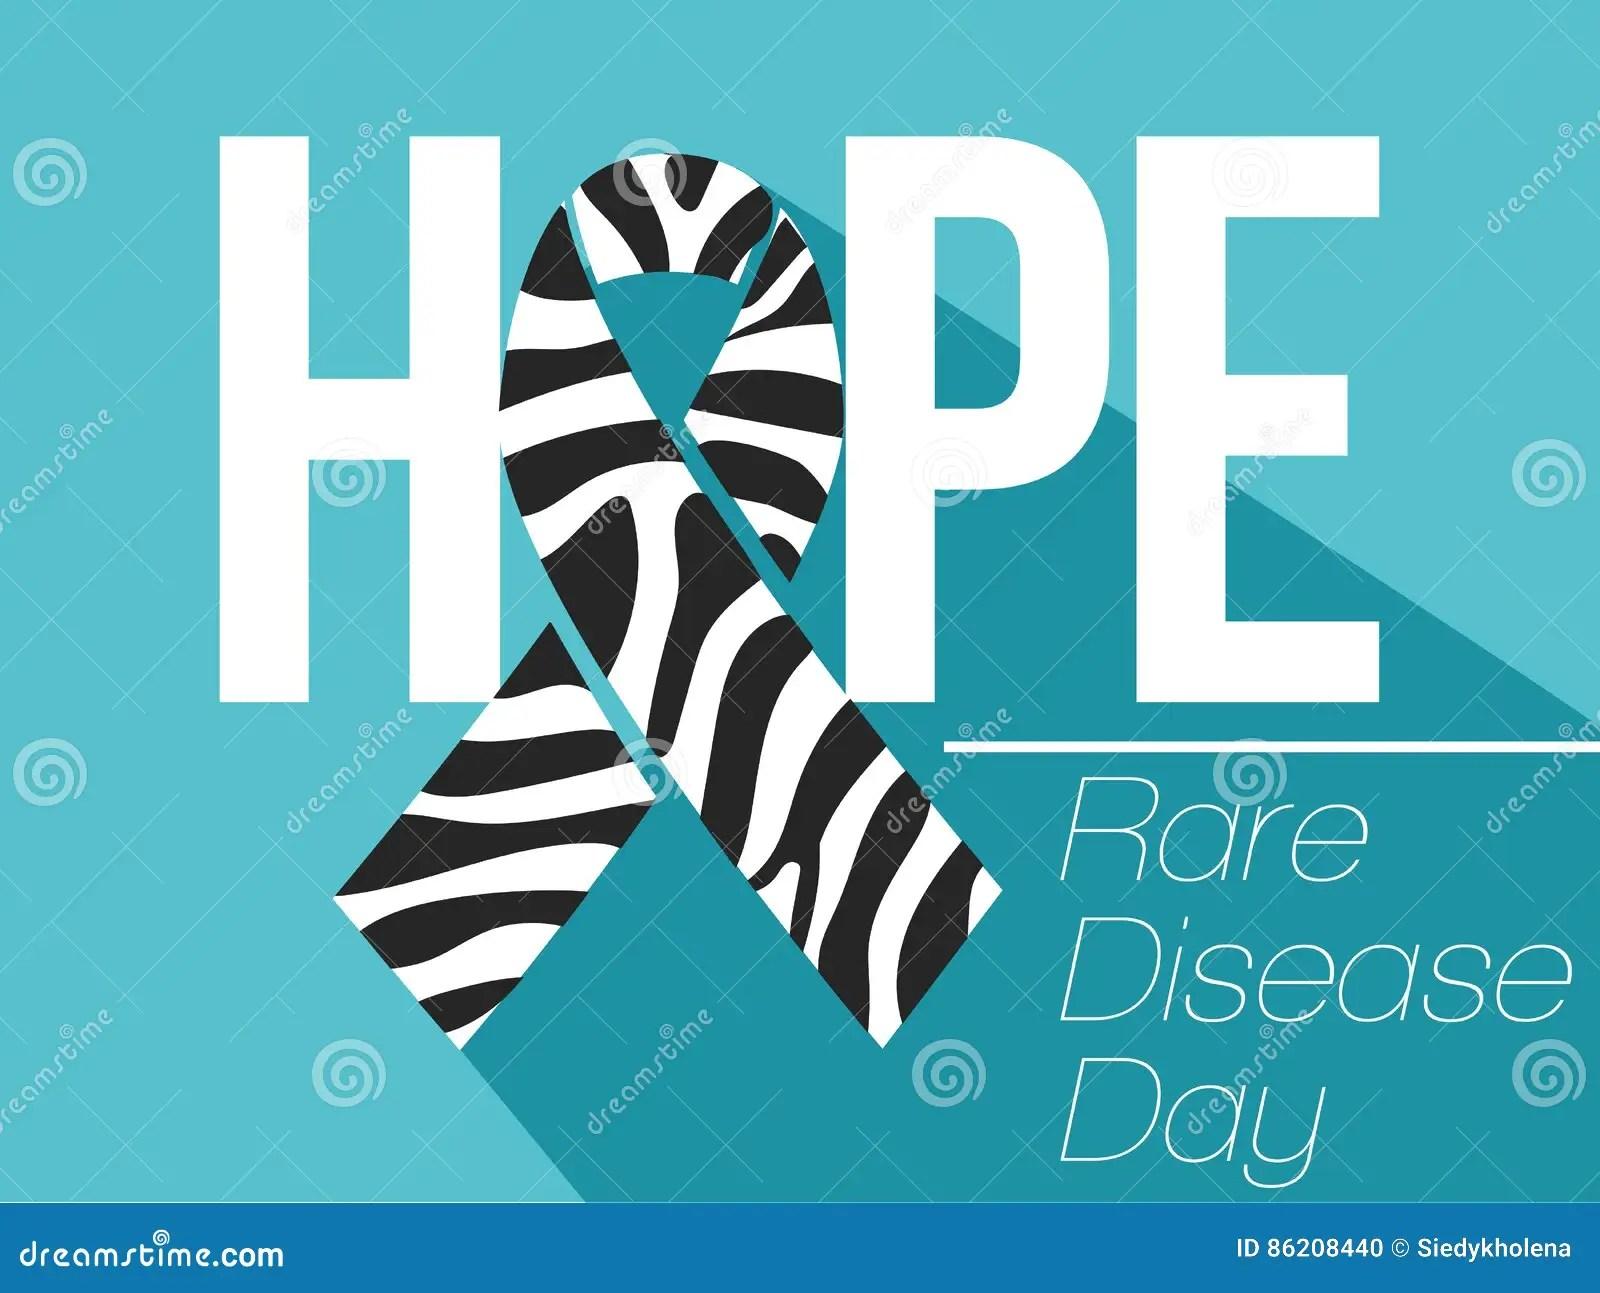 Zebra Print Ribbon Banner Poster Stock Illustration